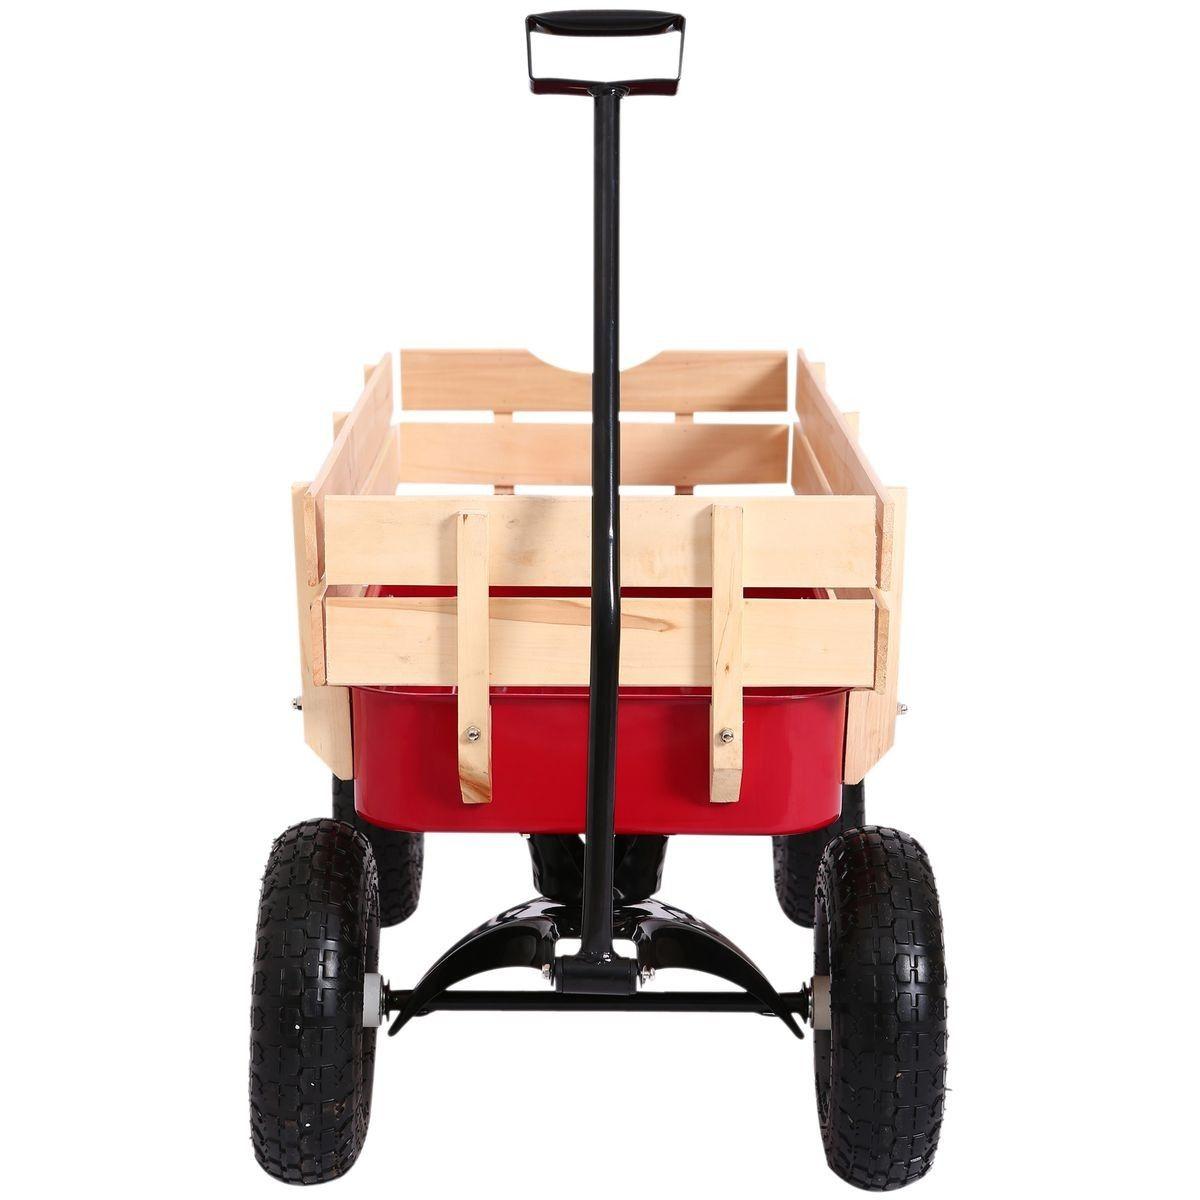 Chariot De Transport Jardin 4 Roues Rouge | Entretien Jardin ... intérieur Chariot De Jardin 4 Roues